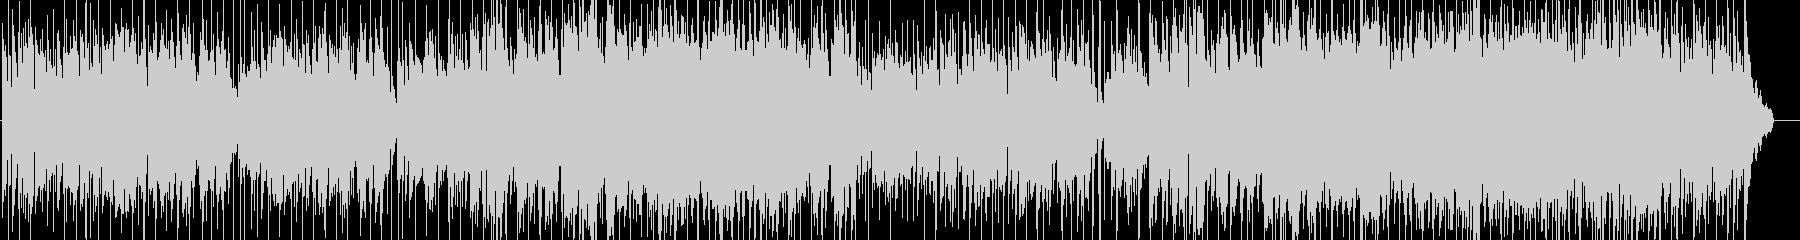 シンセリードとピアノの落ち着いたラウンジの未再生の波形